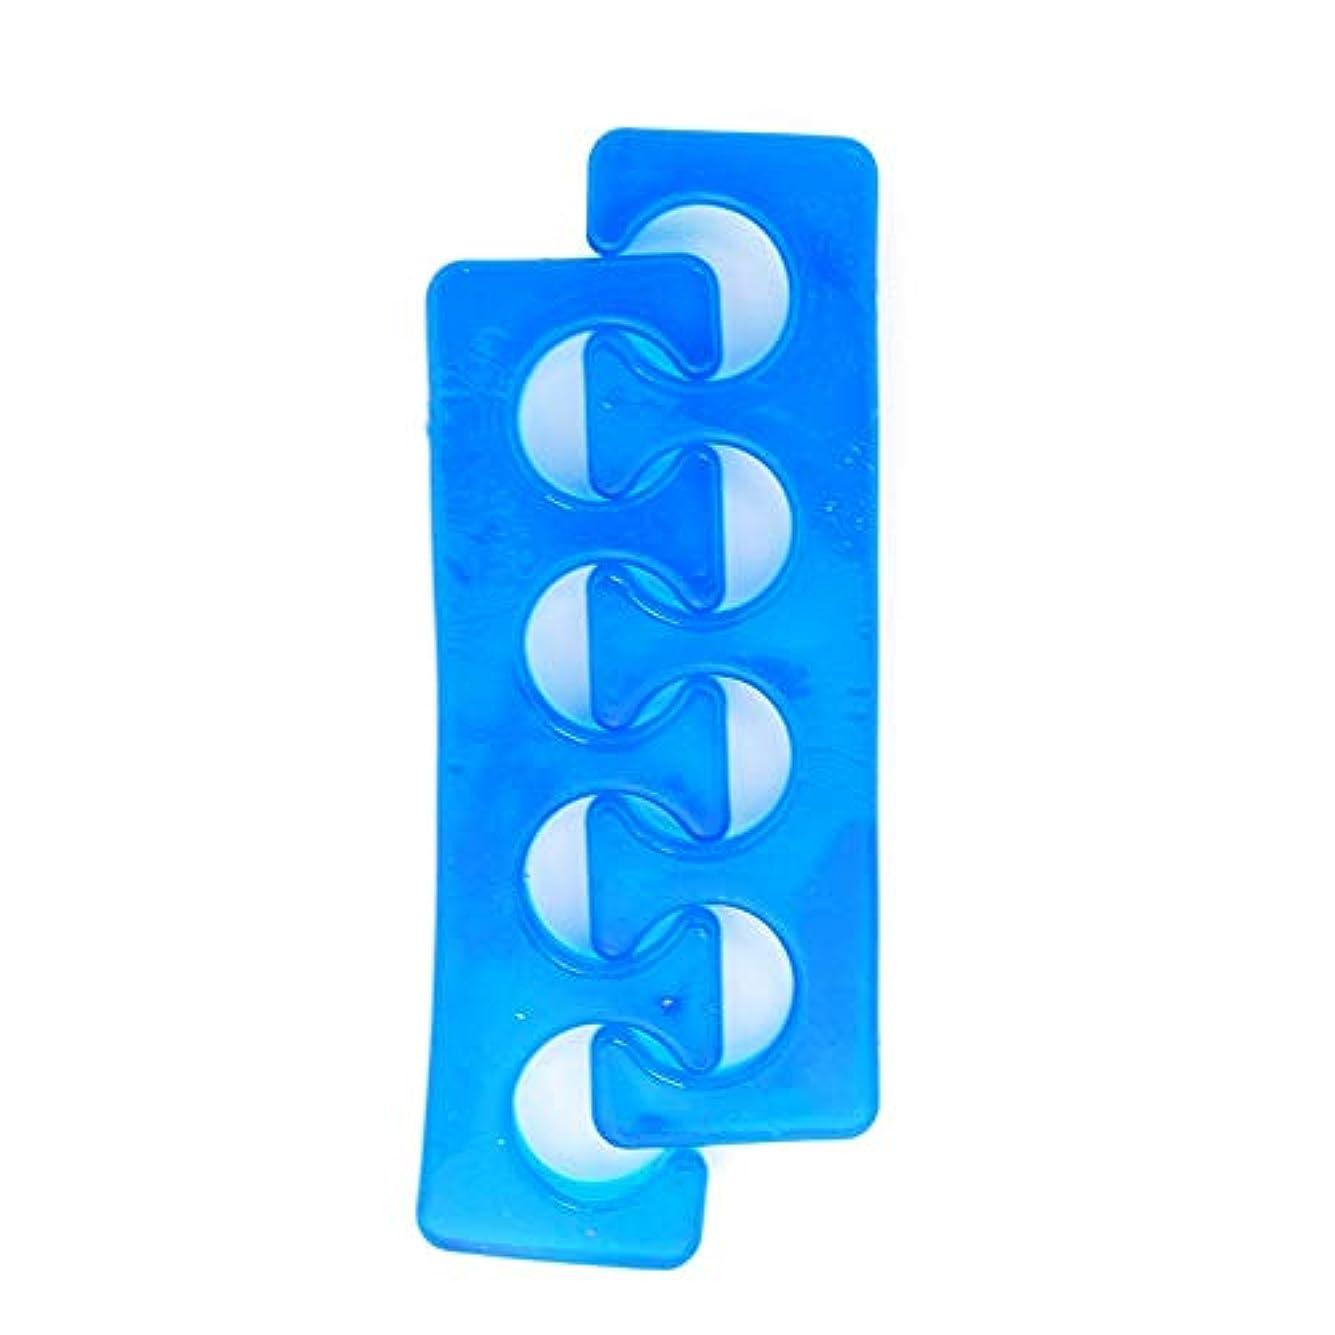 世界的に複数消毒剤KADS 足指セパレーター 柔らかいシリコン製 2個入り ネイルセパレーター トウセパレーター ネイルアート用 (ブルー)